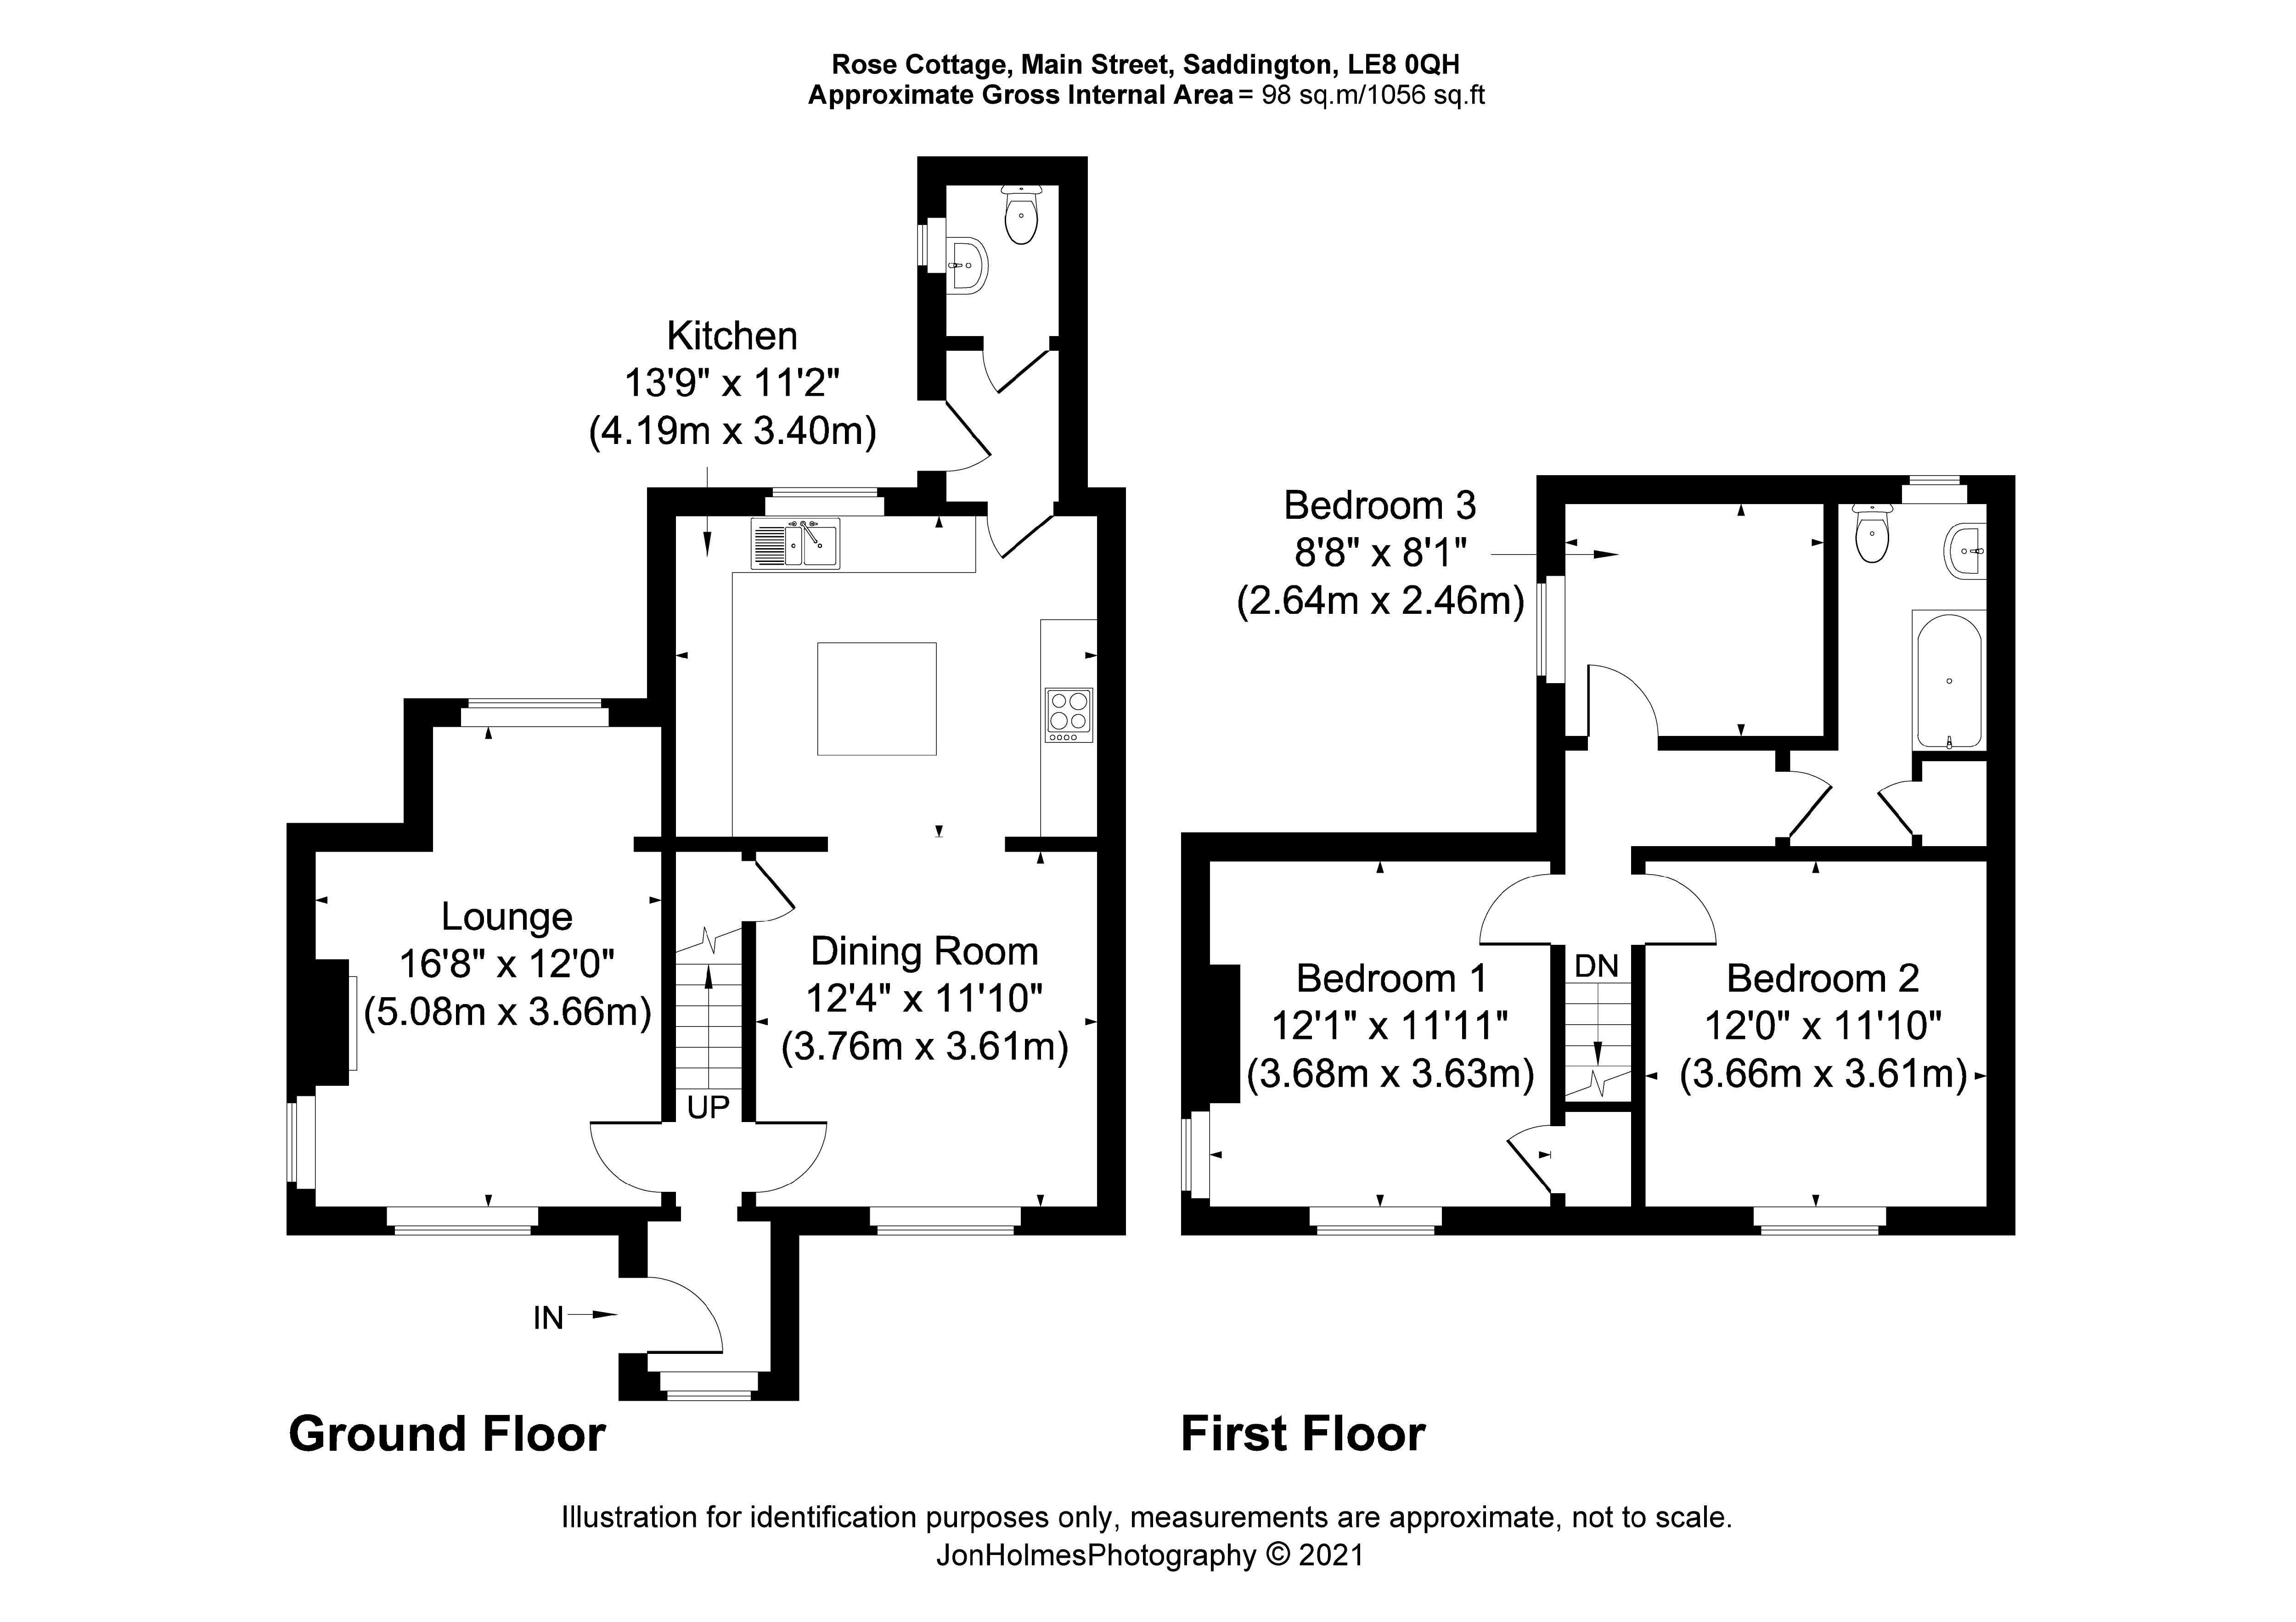 Rose Cottage Floorplan